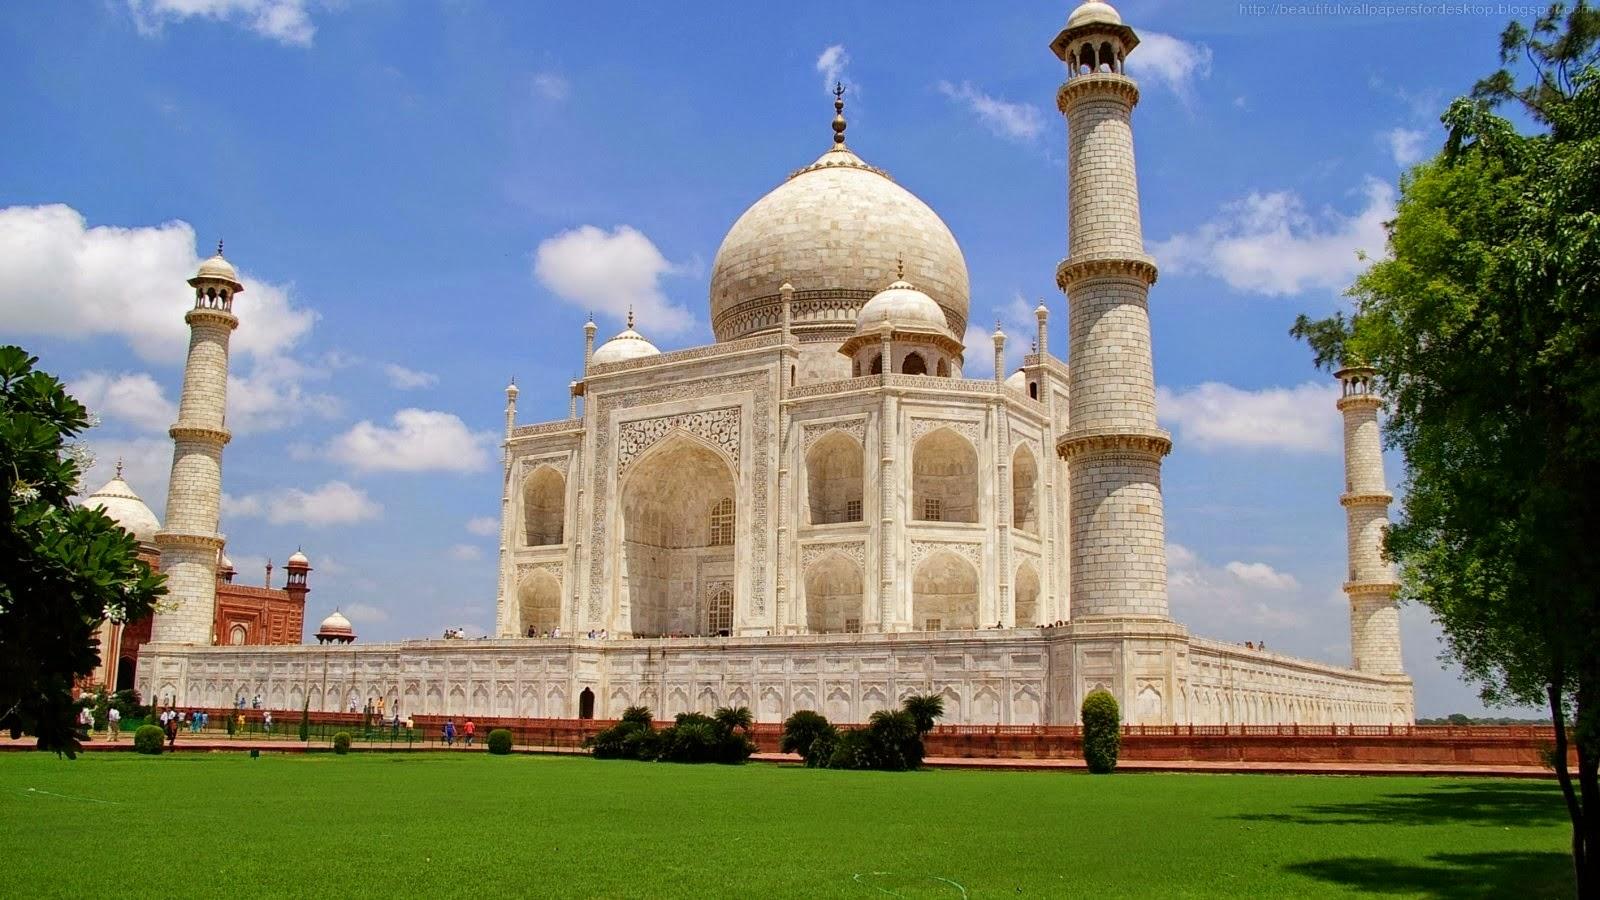 Image result for taj mahal wallpaper